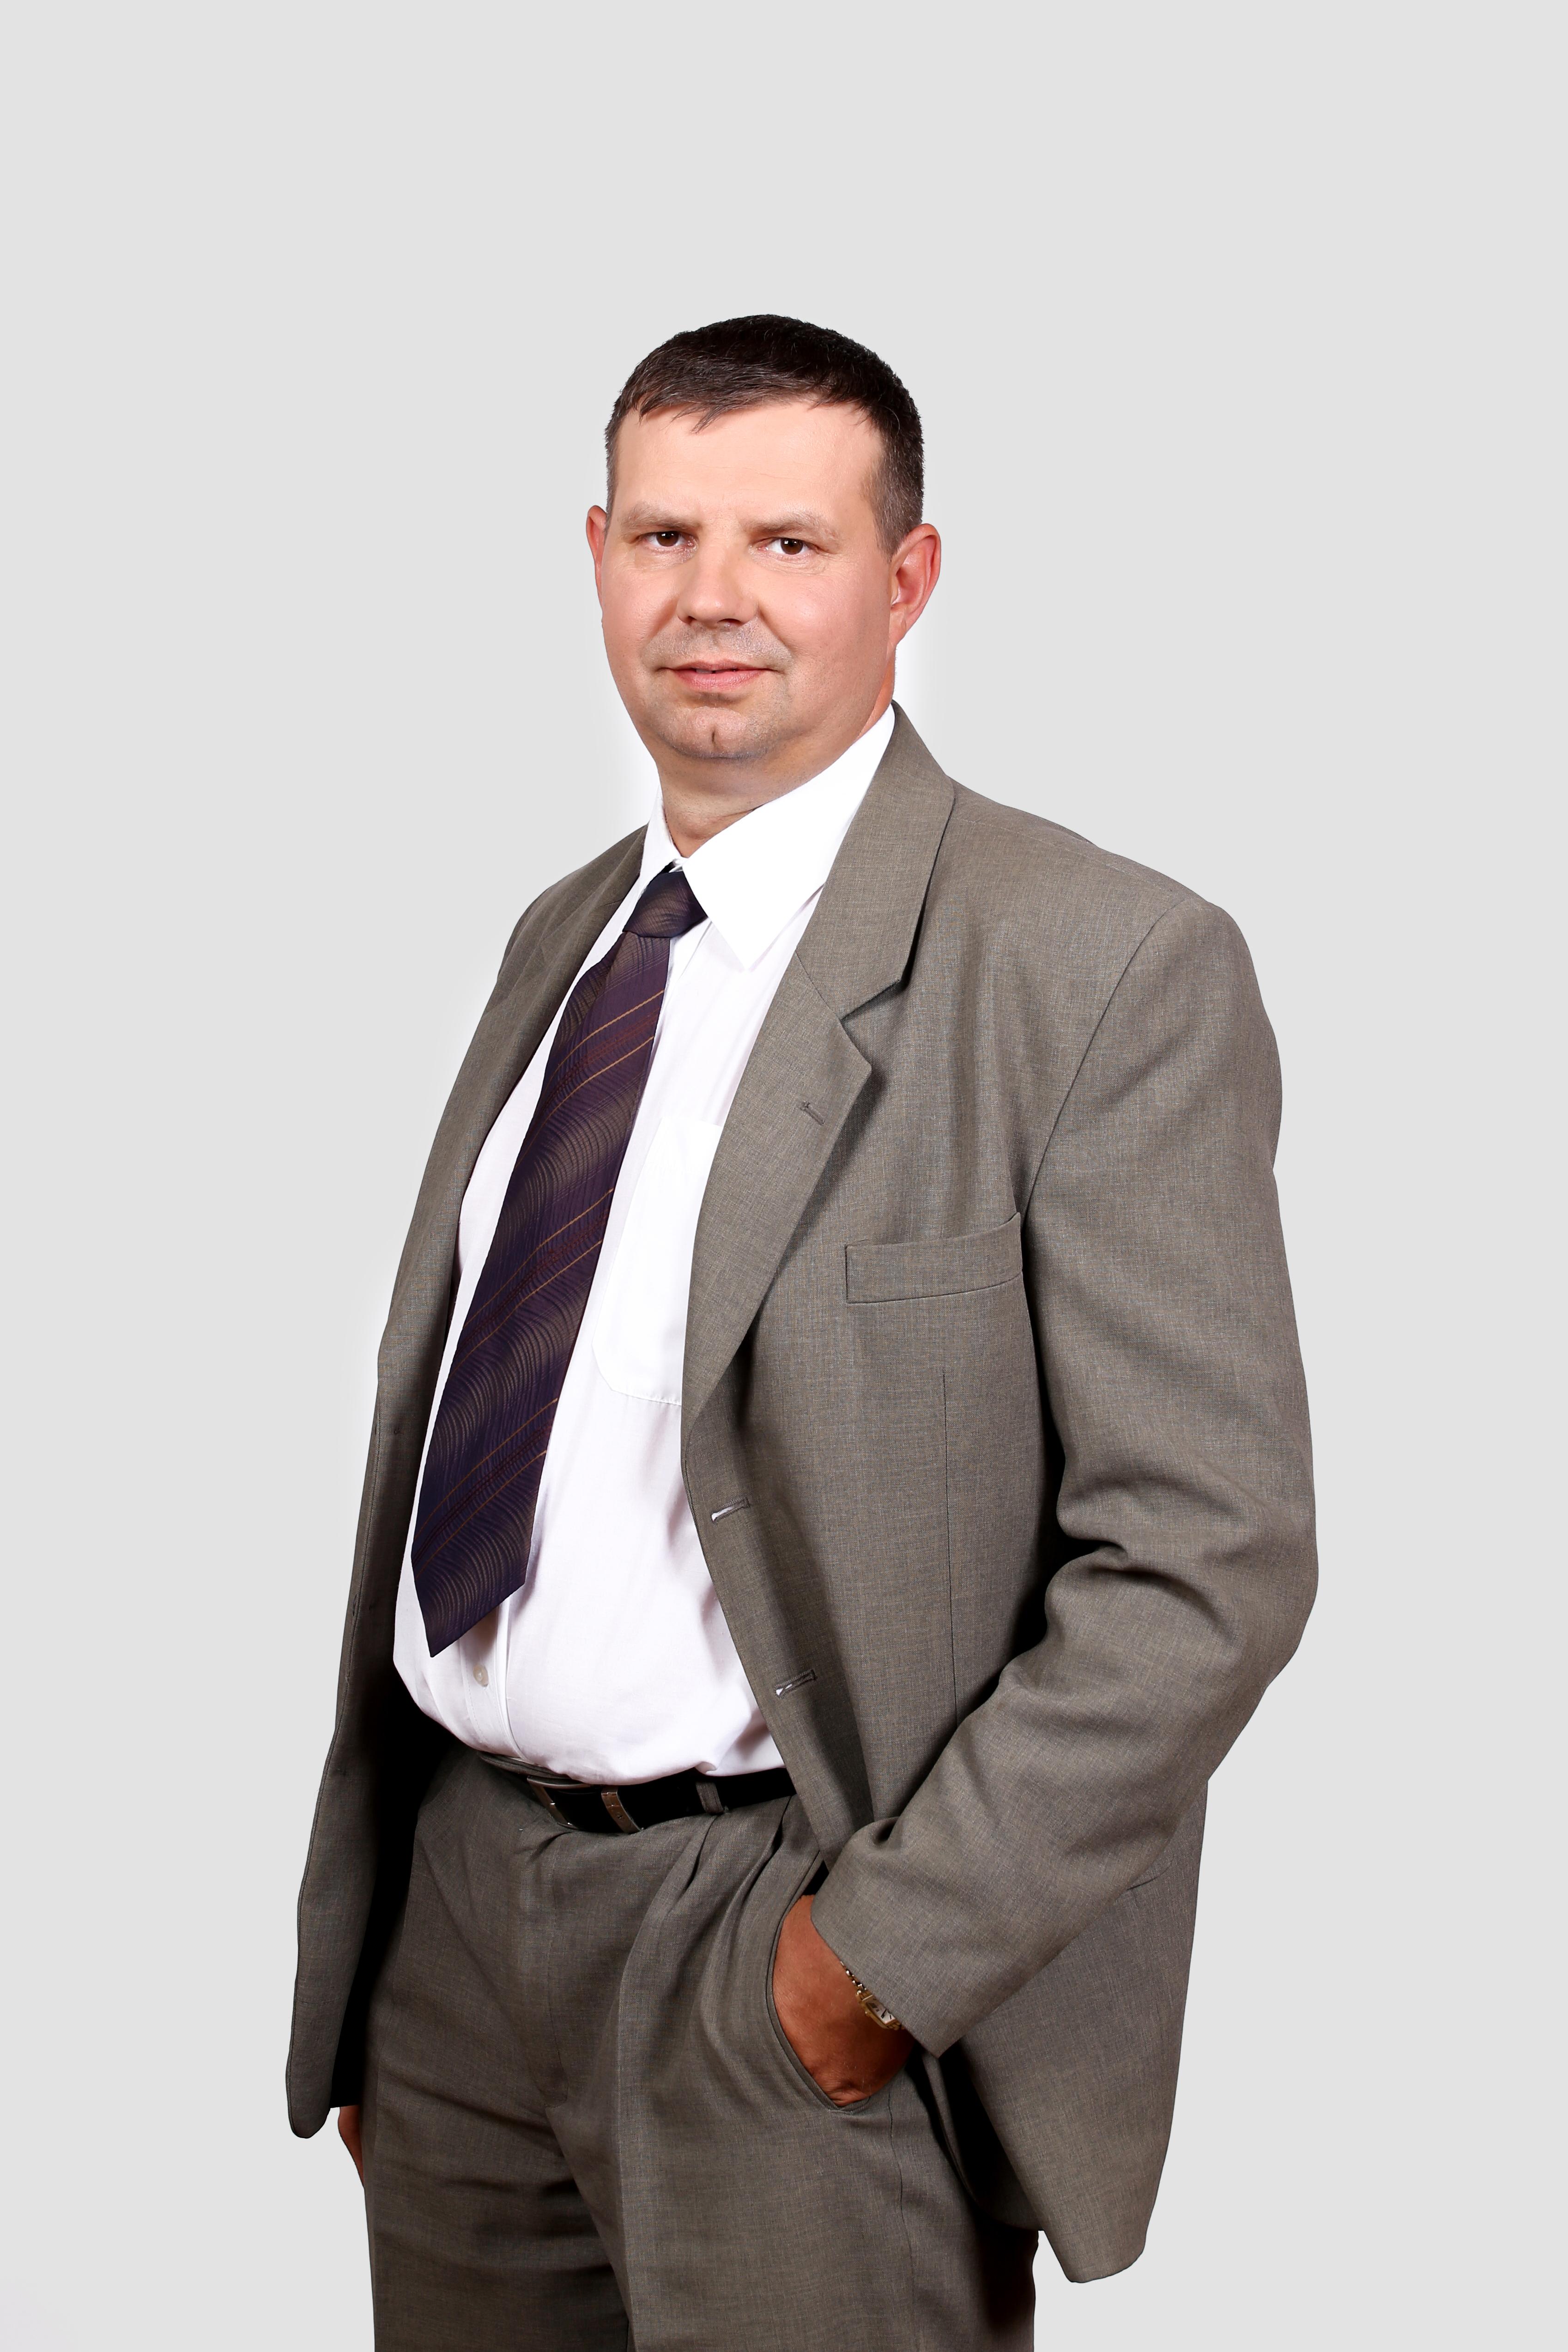 Edmunds Visockis